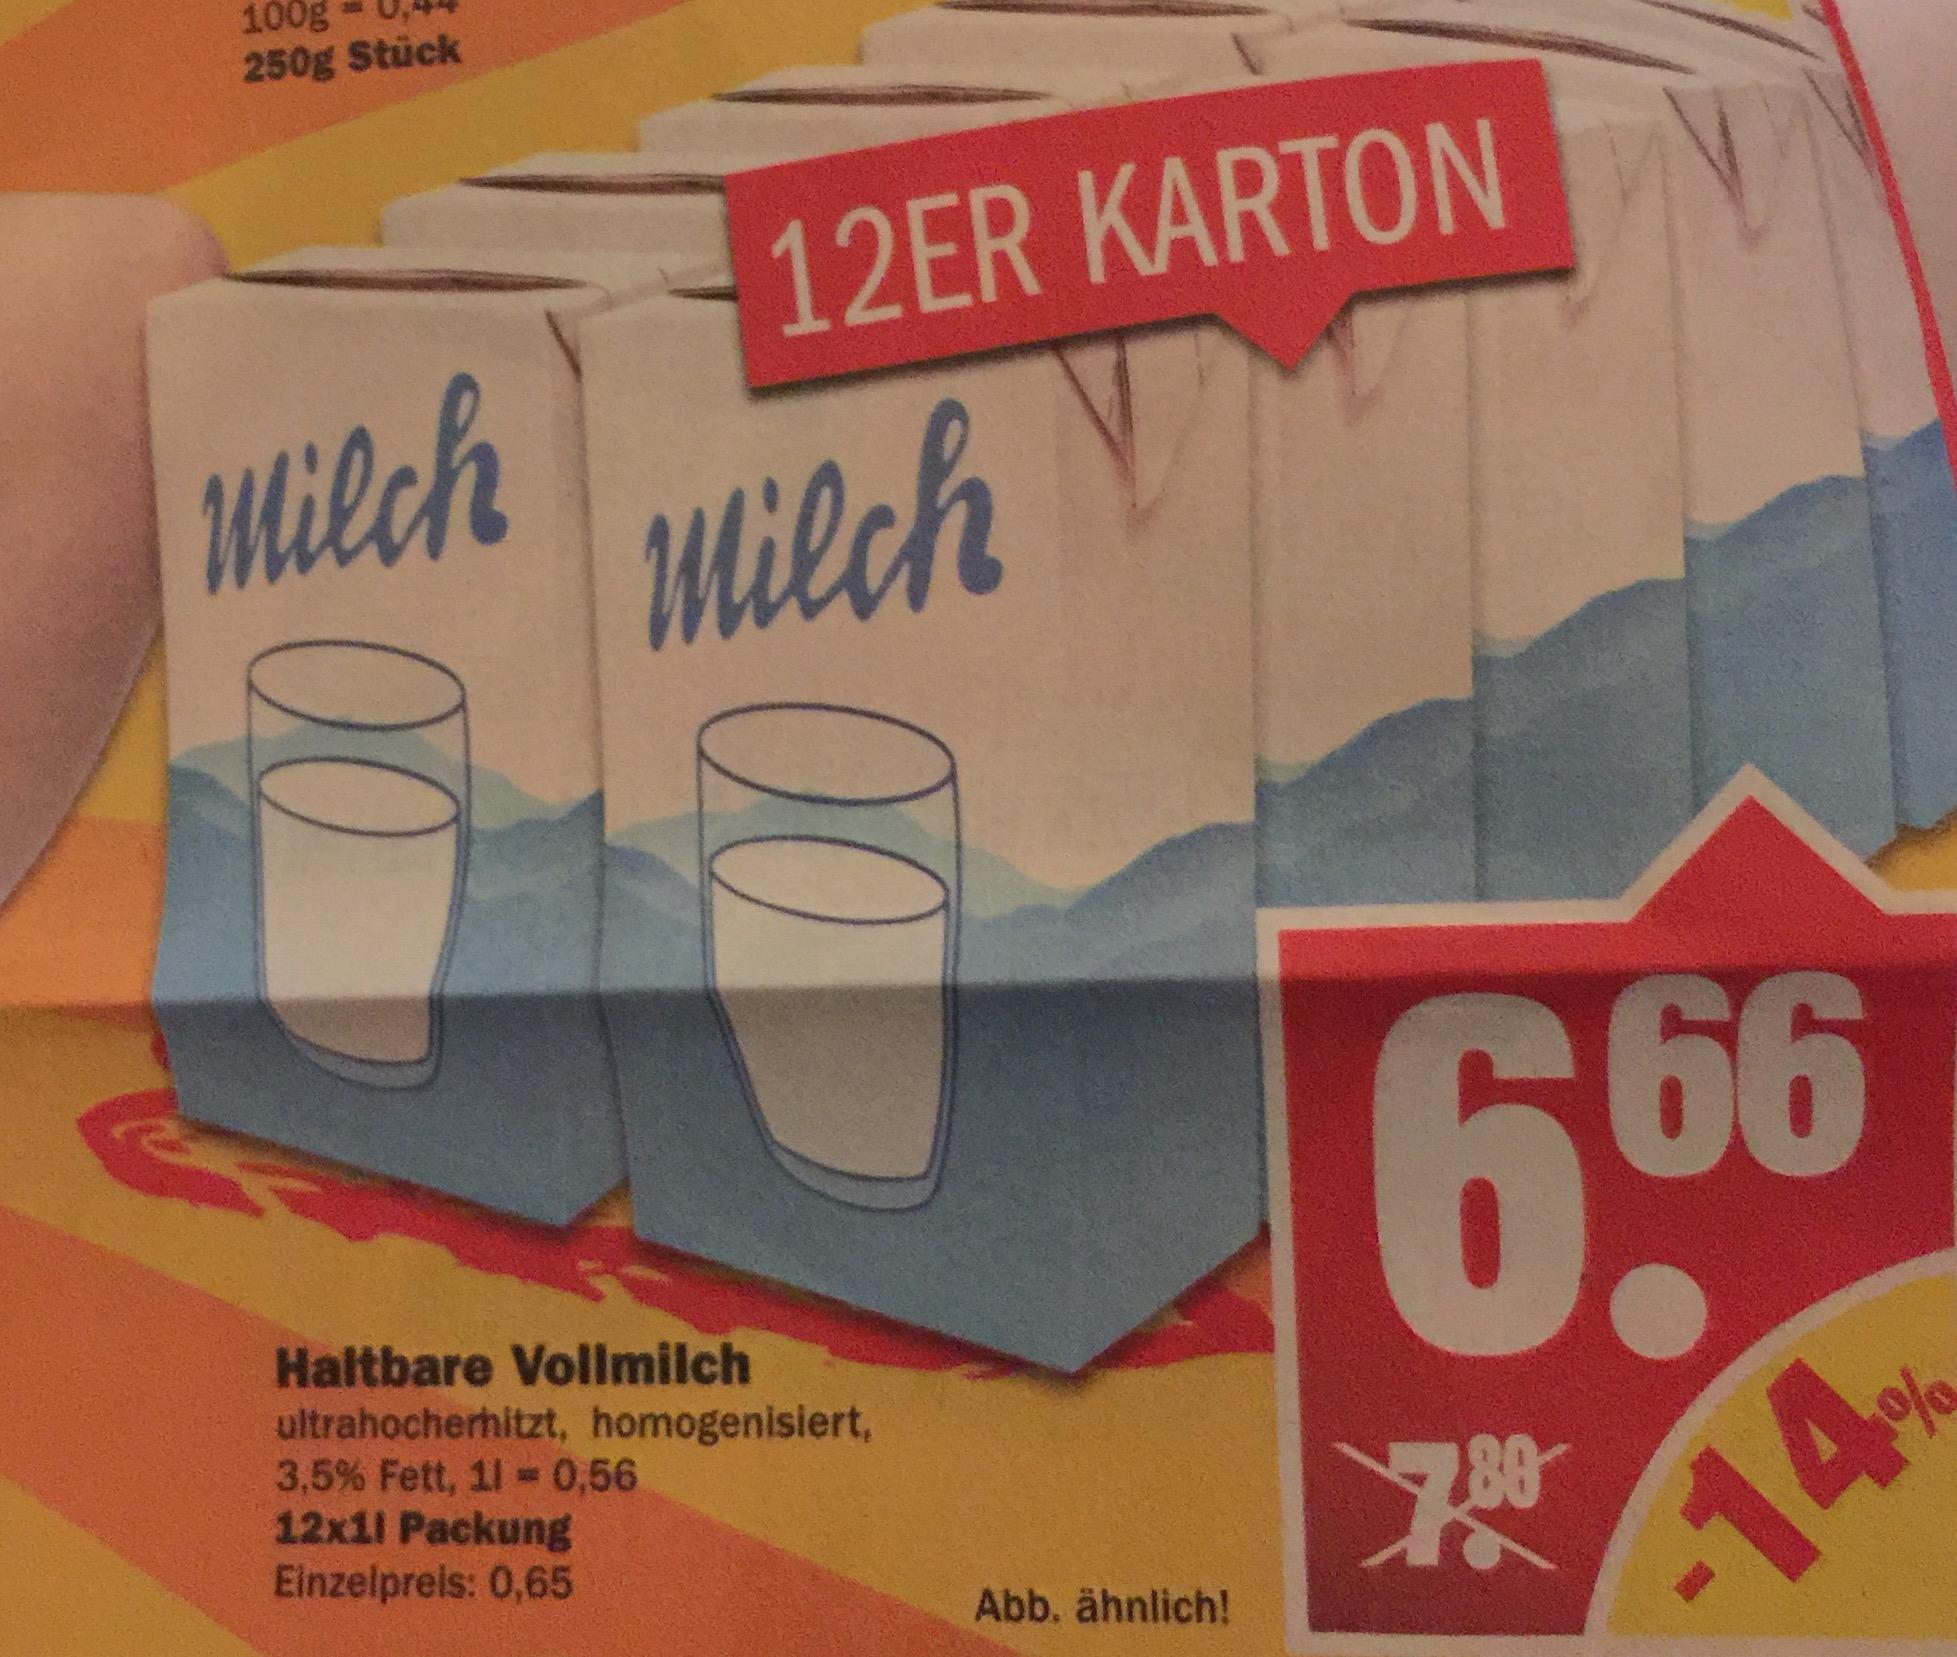 Haltbare Vollmilch 12x1L für 6,66 (0,56€/Liter) [NP]